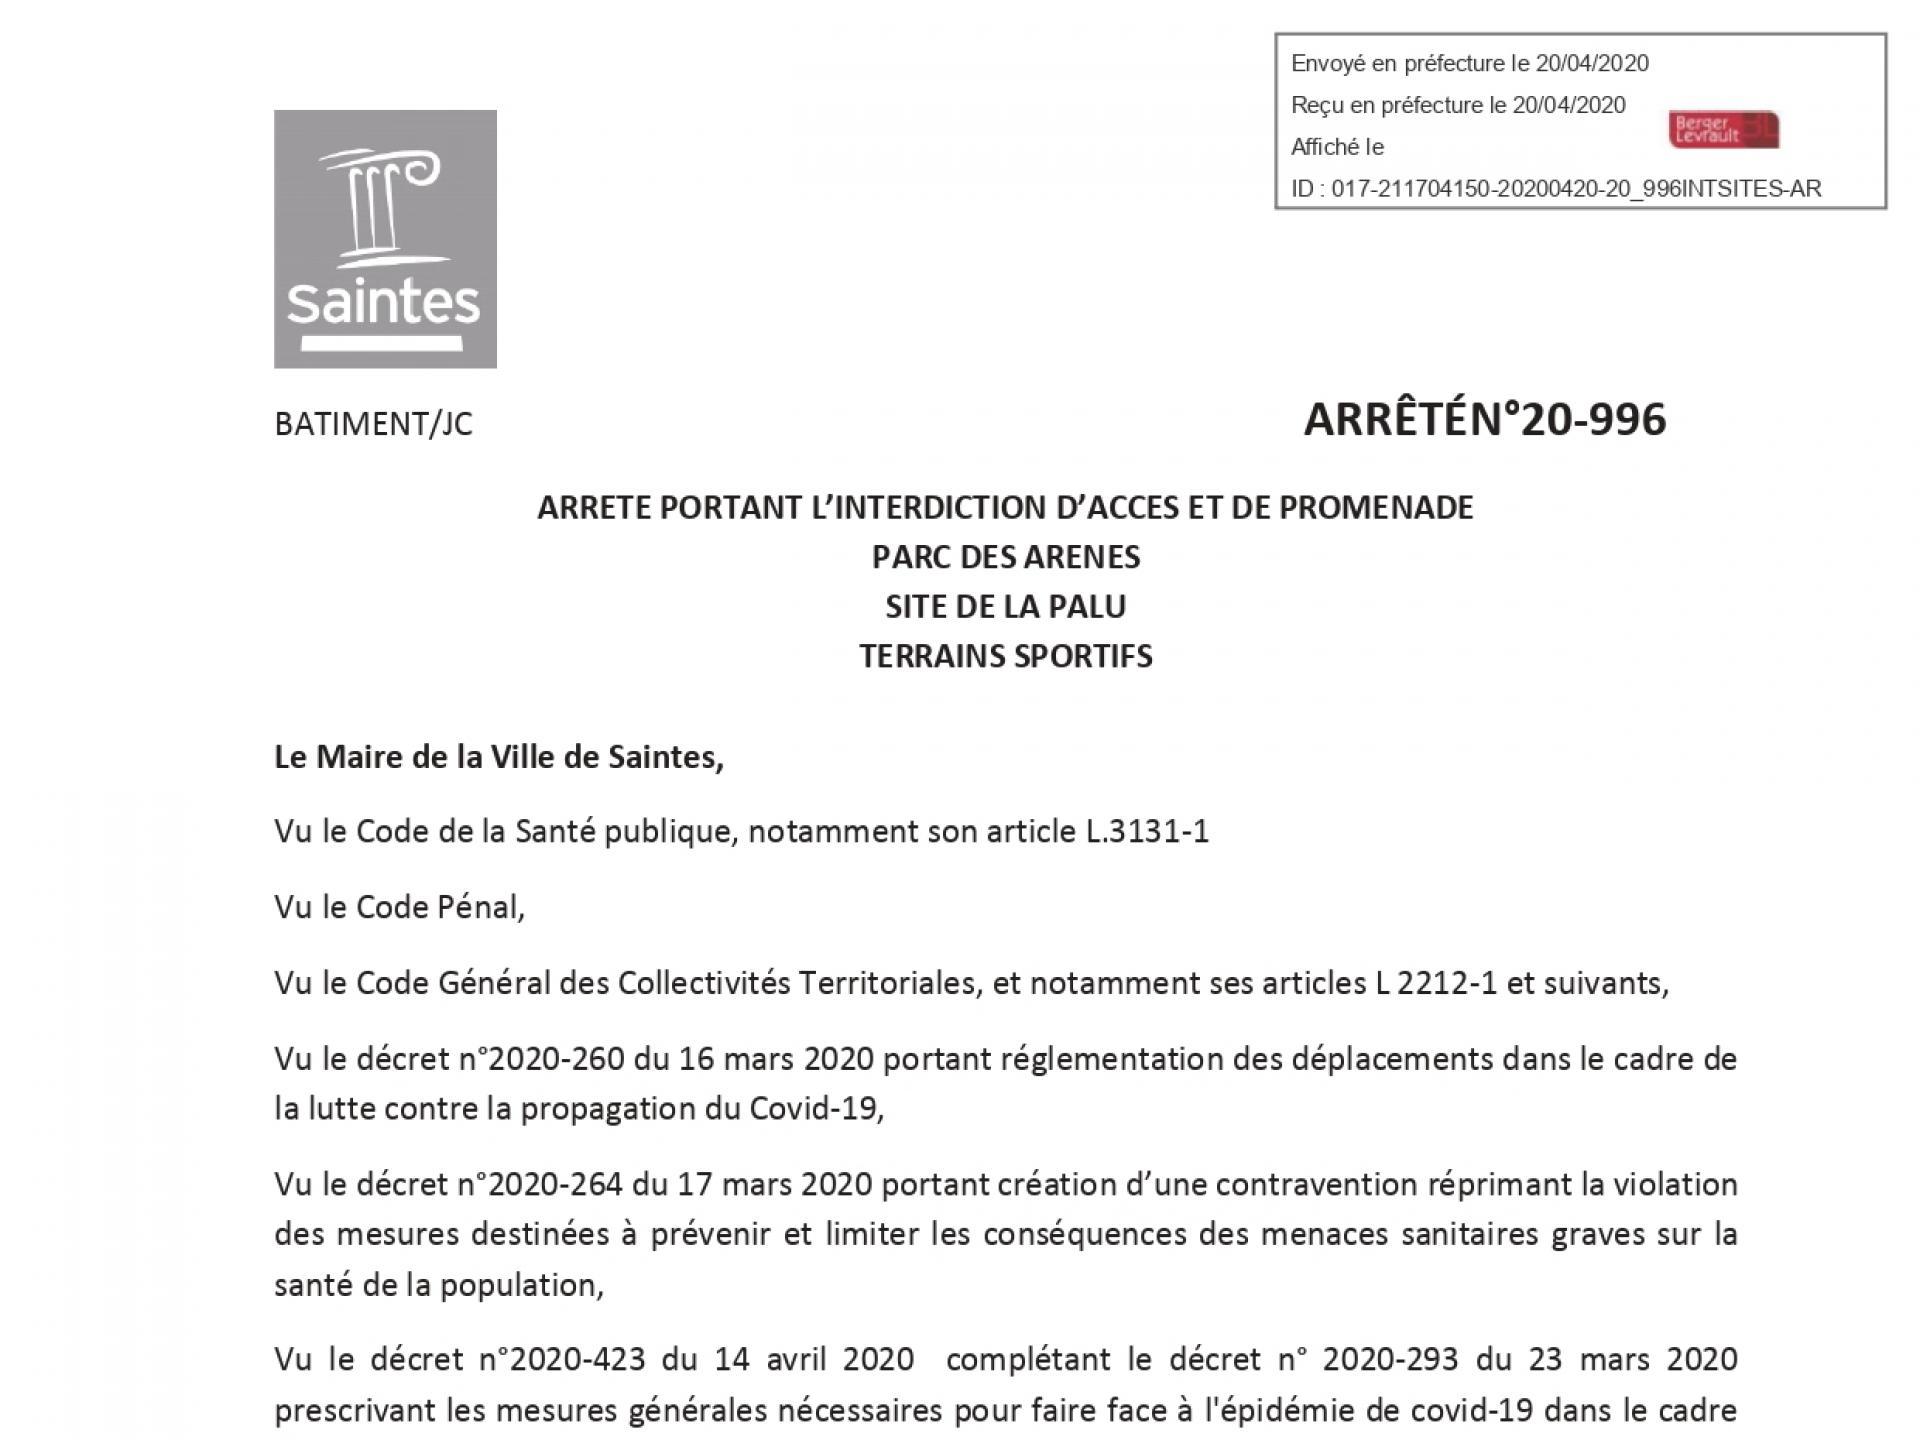 20 996 Arrêté Portant Interdiction Daccès Et De Promenade Parc Des Arènes La Palu Et Terrains Sportifs Page 0001